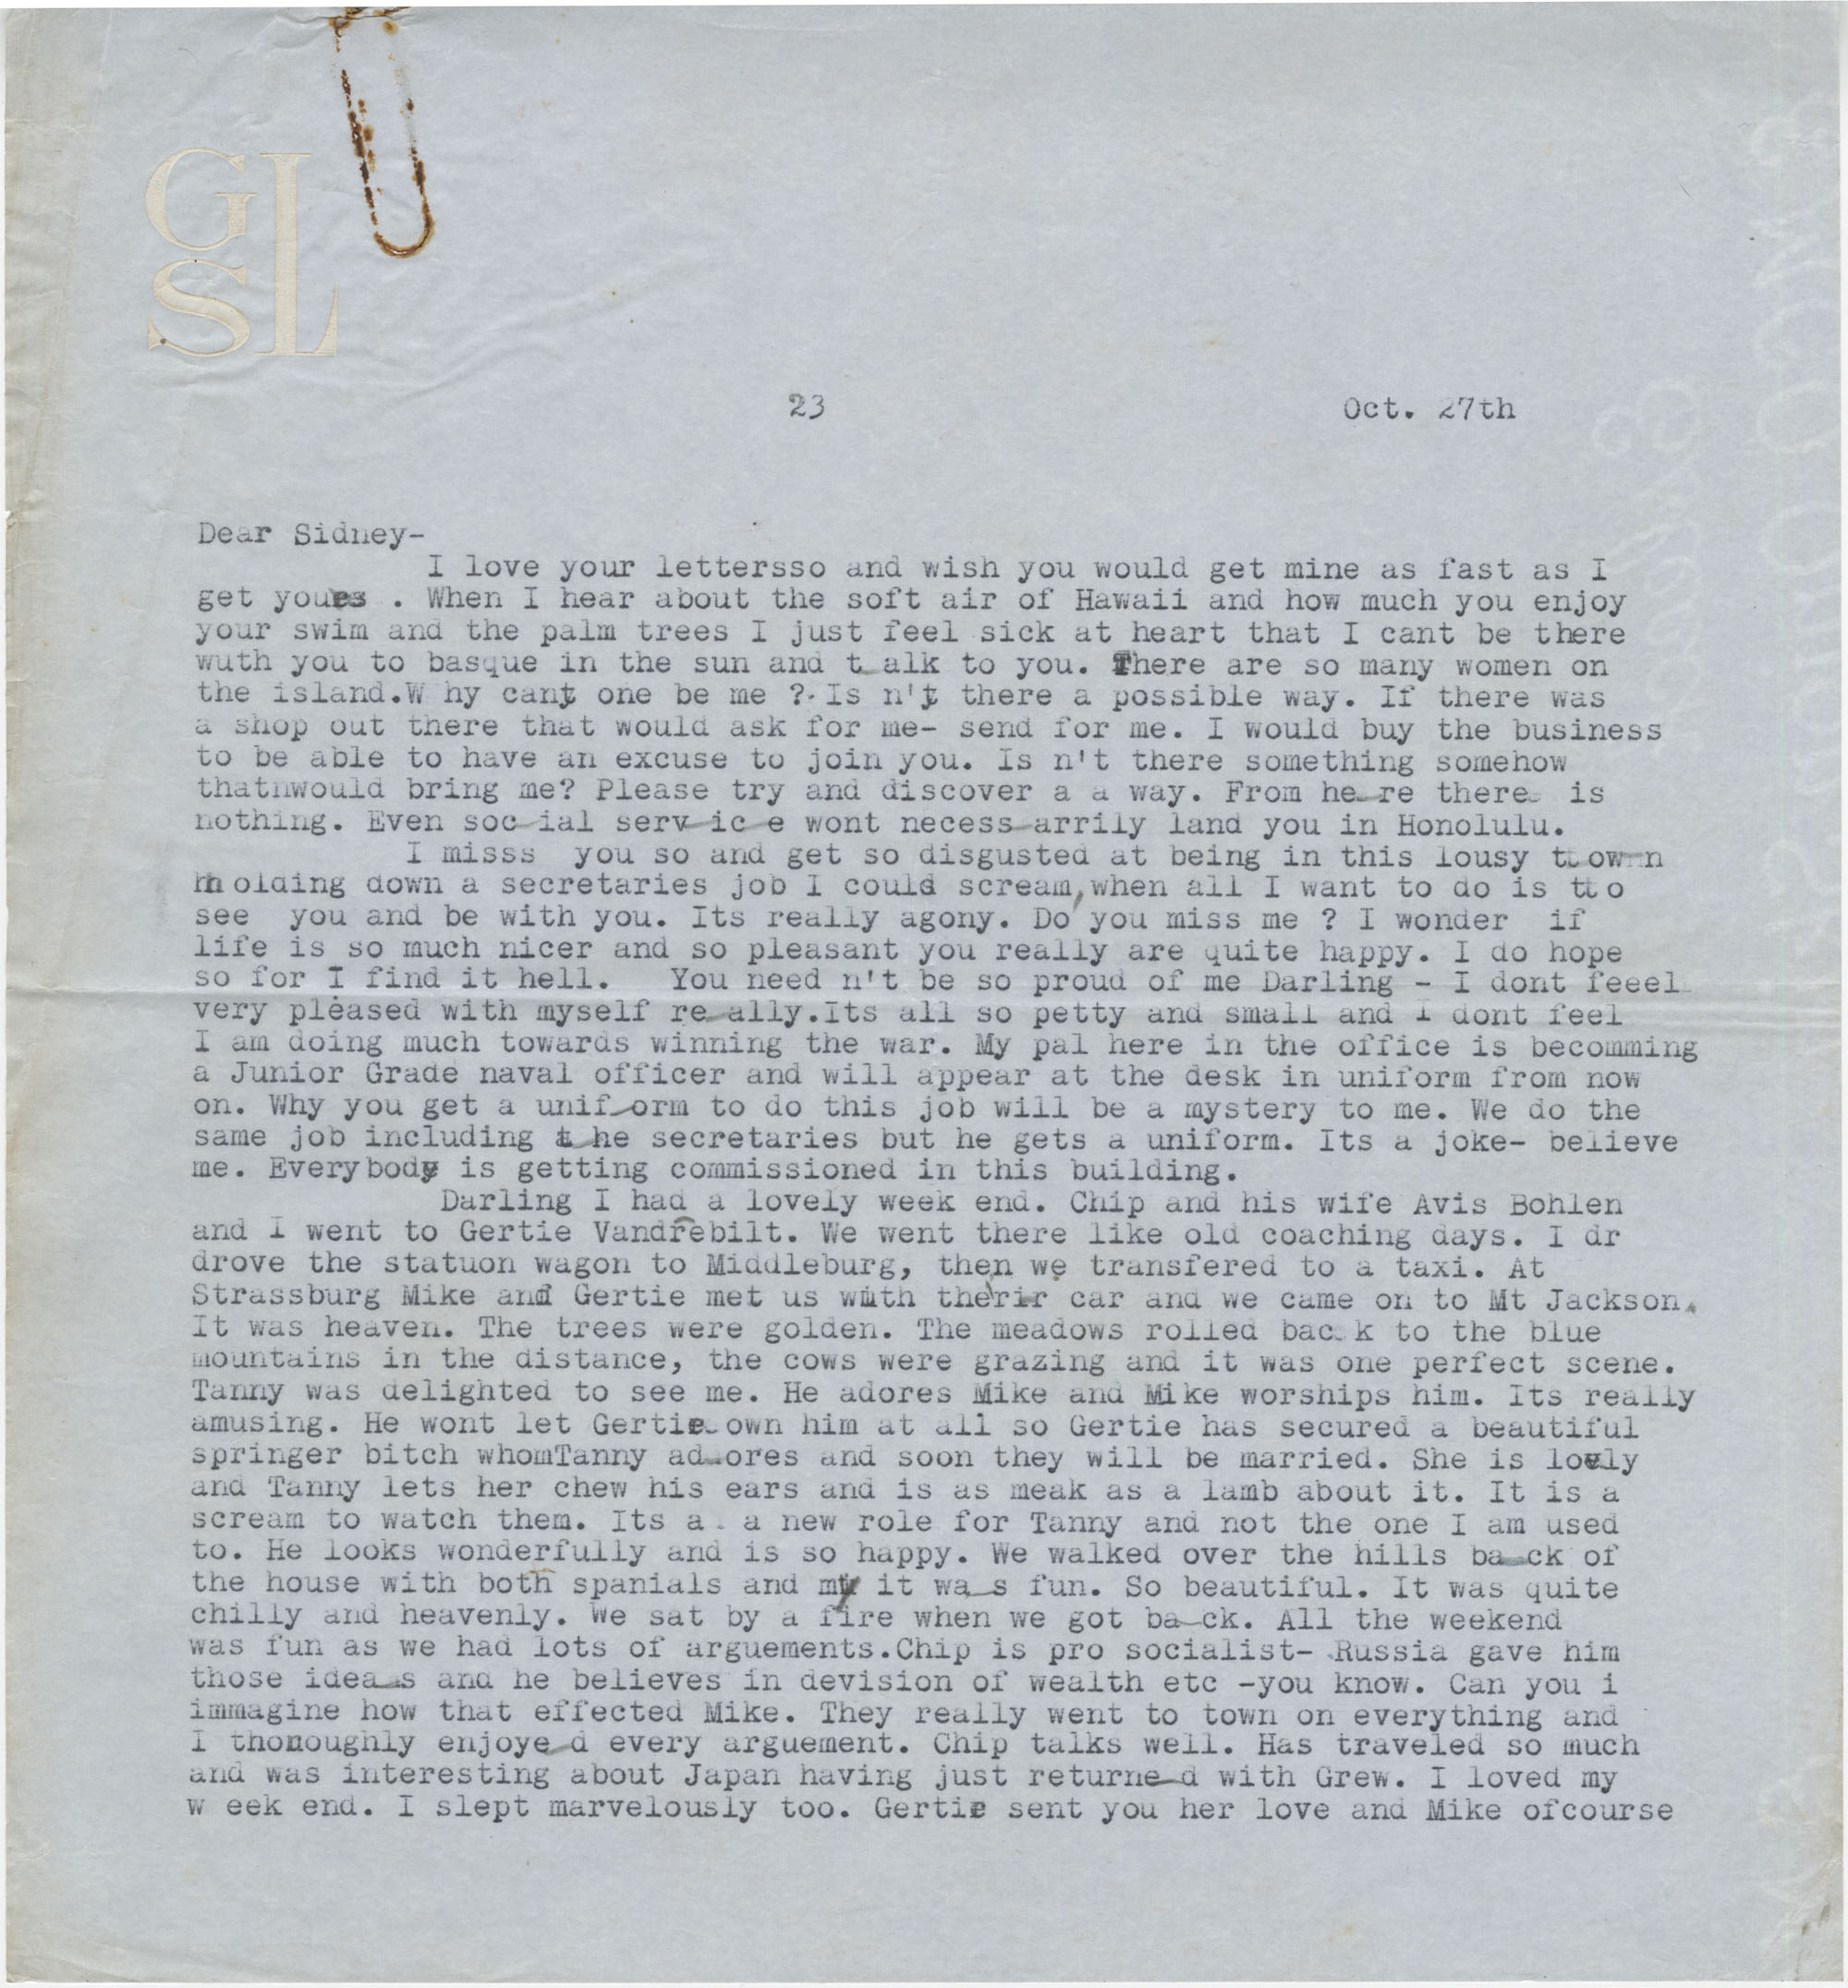 Letter from Gertrude Sanford Legendre, October 27, 1942